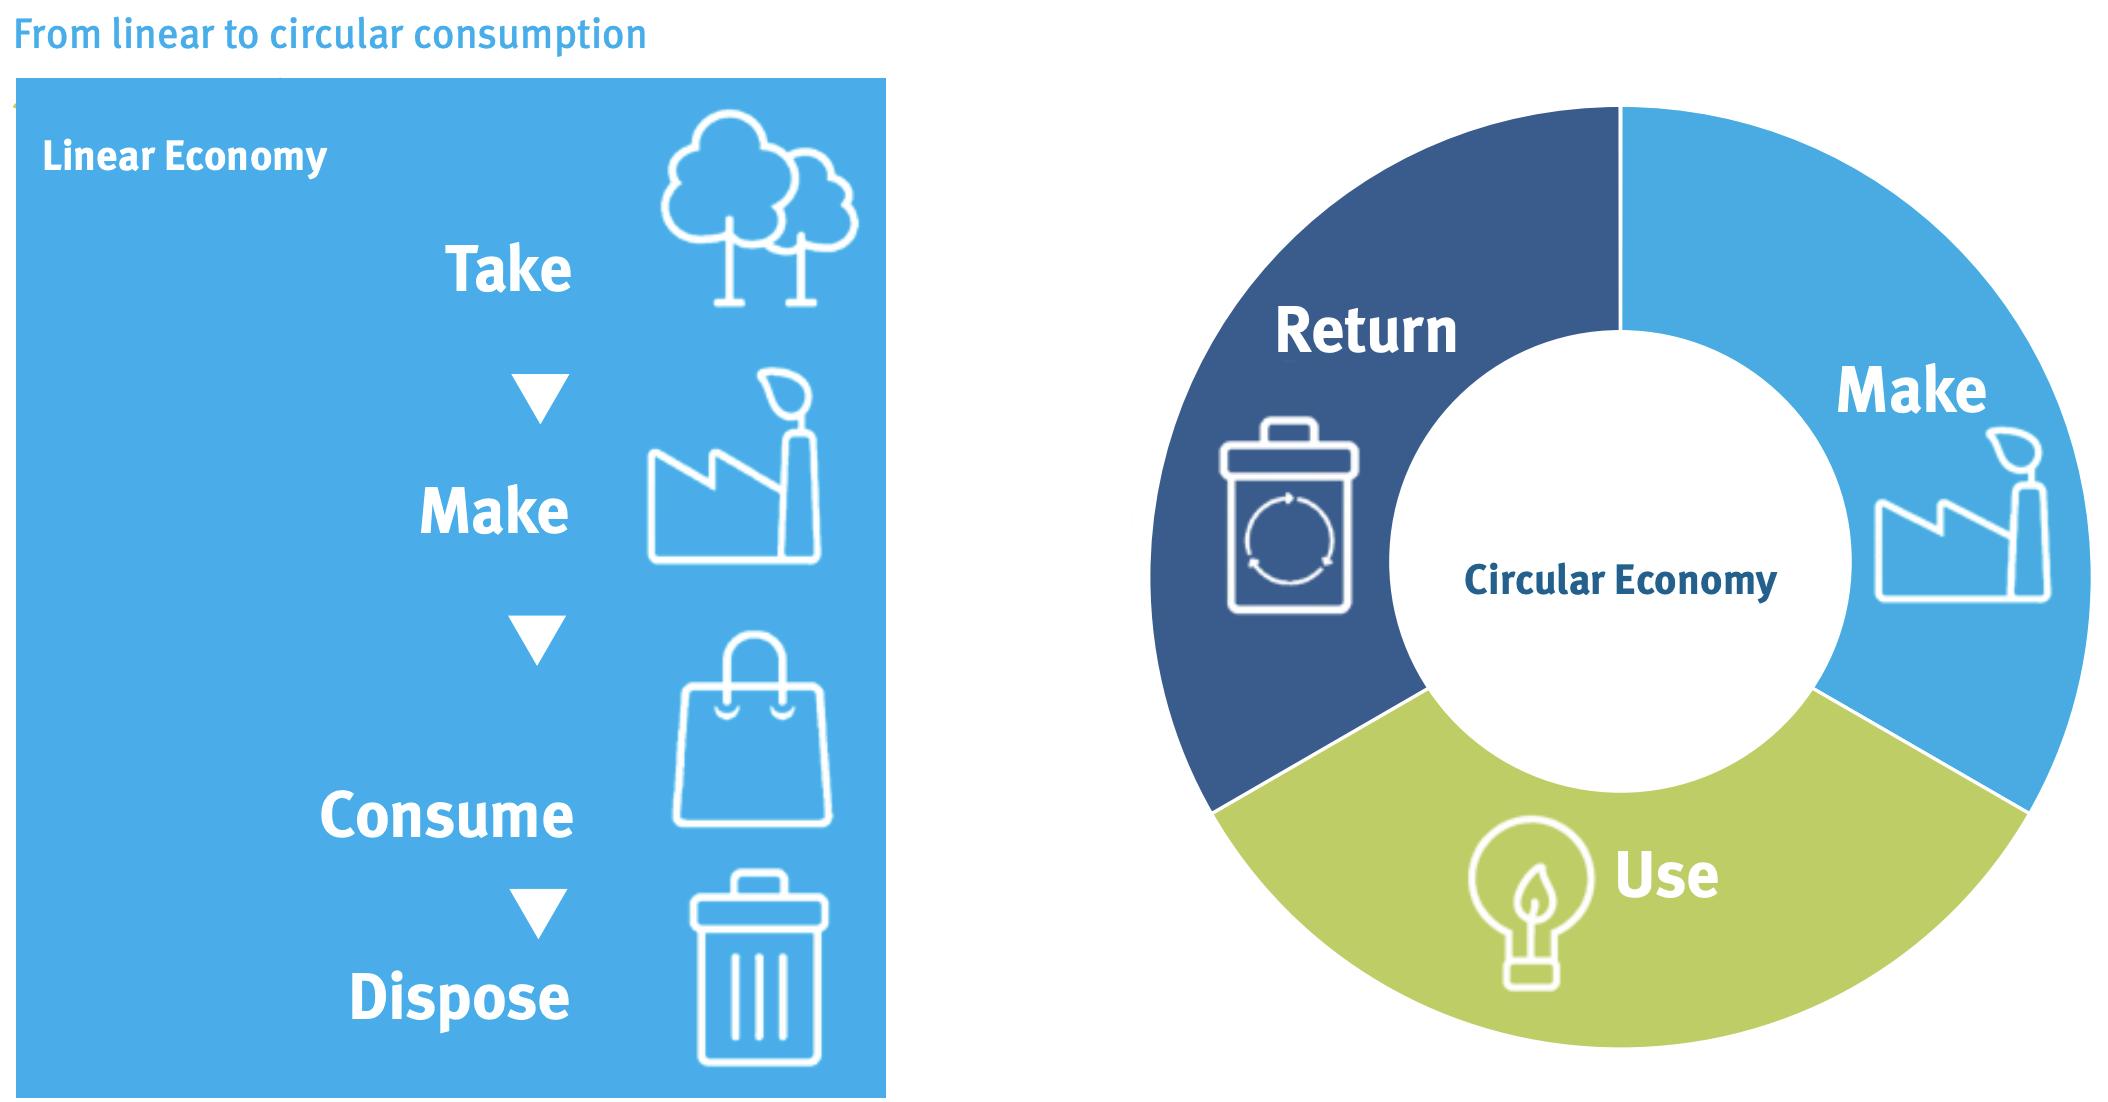 , Consumer behaviour and the circular economy >, The Circular Economy